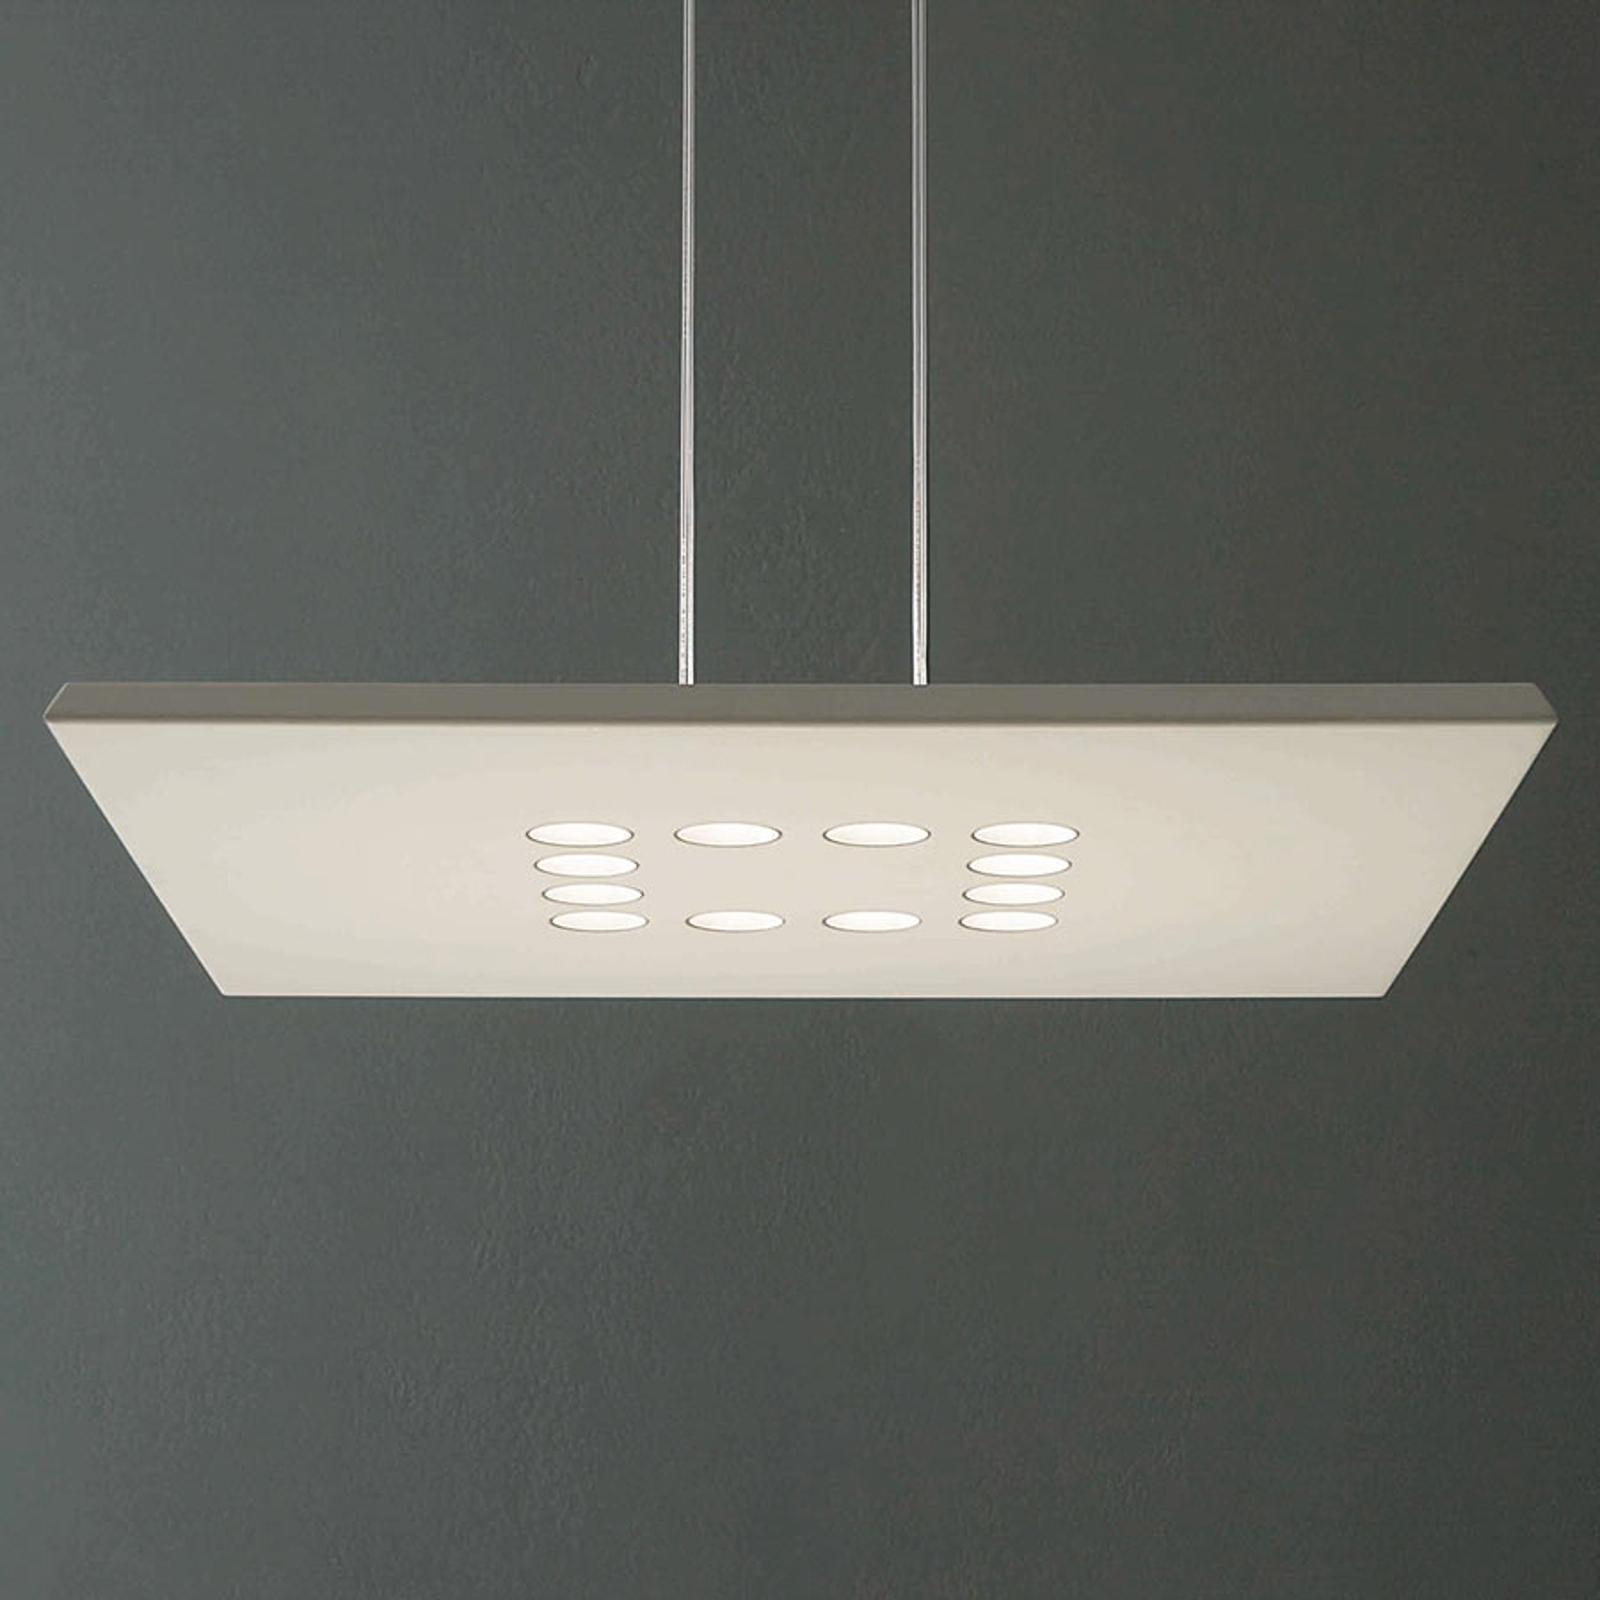 ICONE Confort lampa wisząca LED szlachetna biel